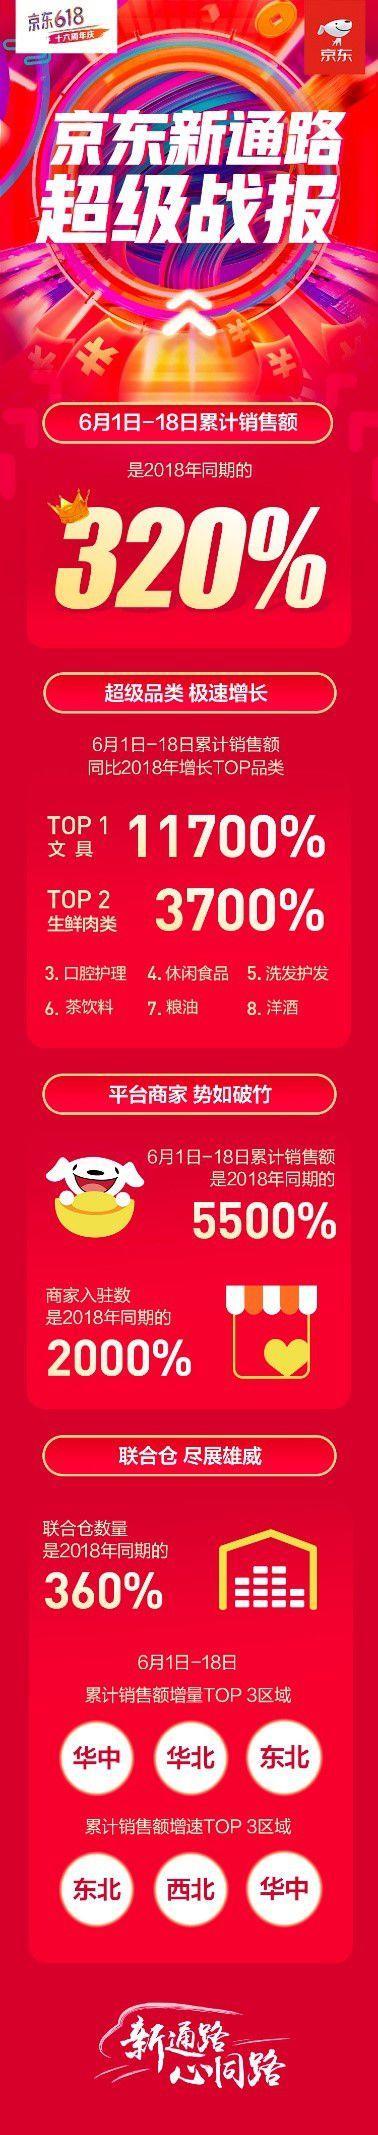 京东618累计销售额是去年同期的320% 多业务模式释放新动能